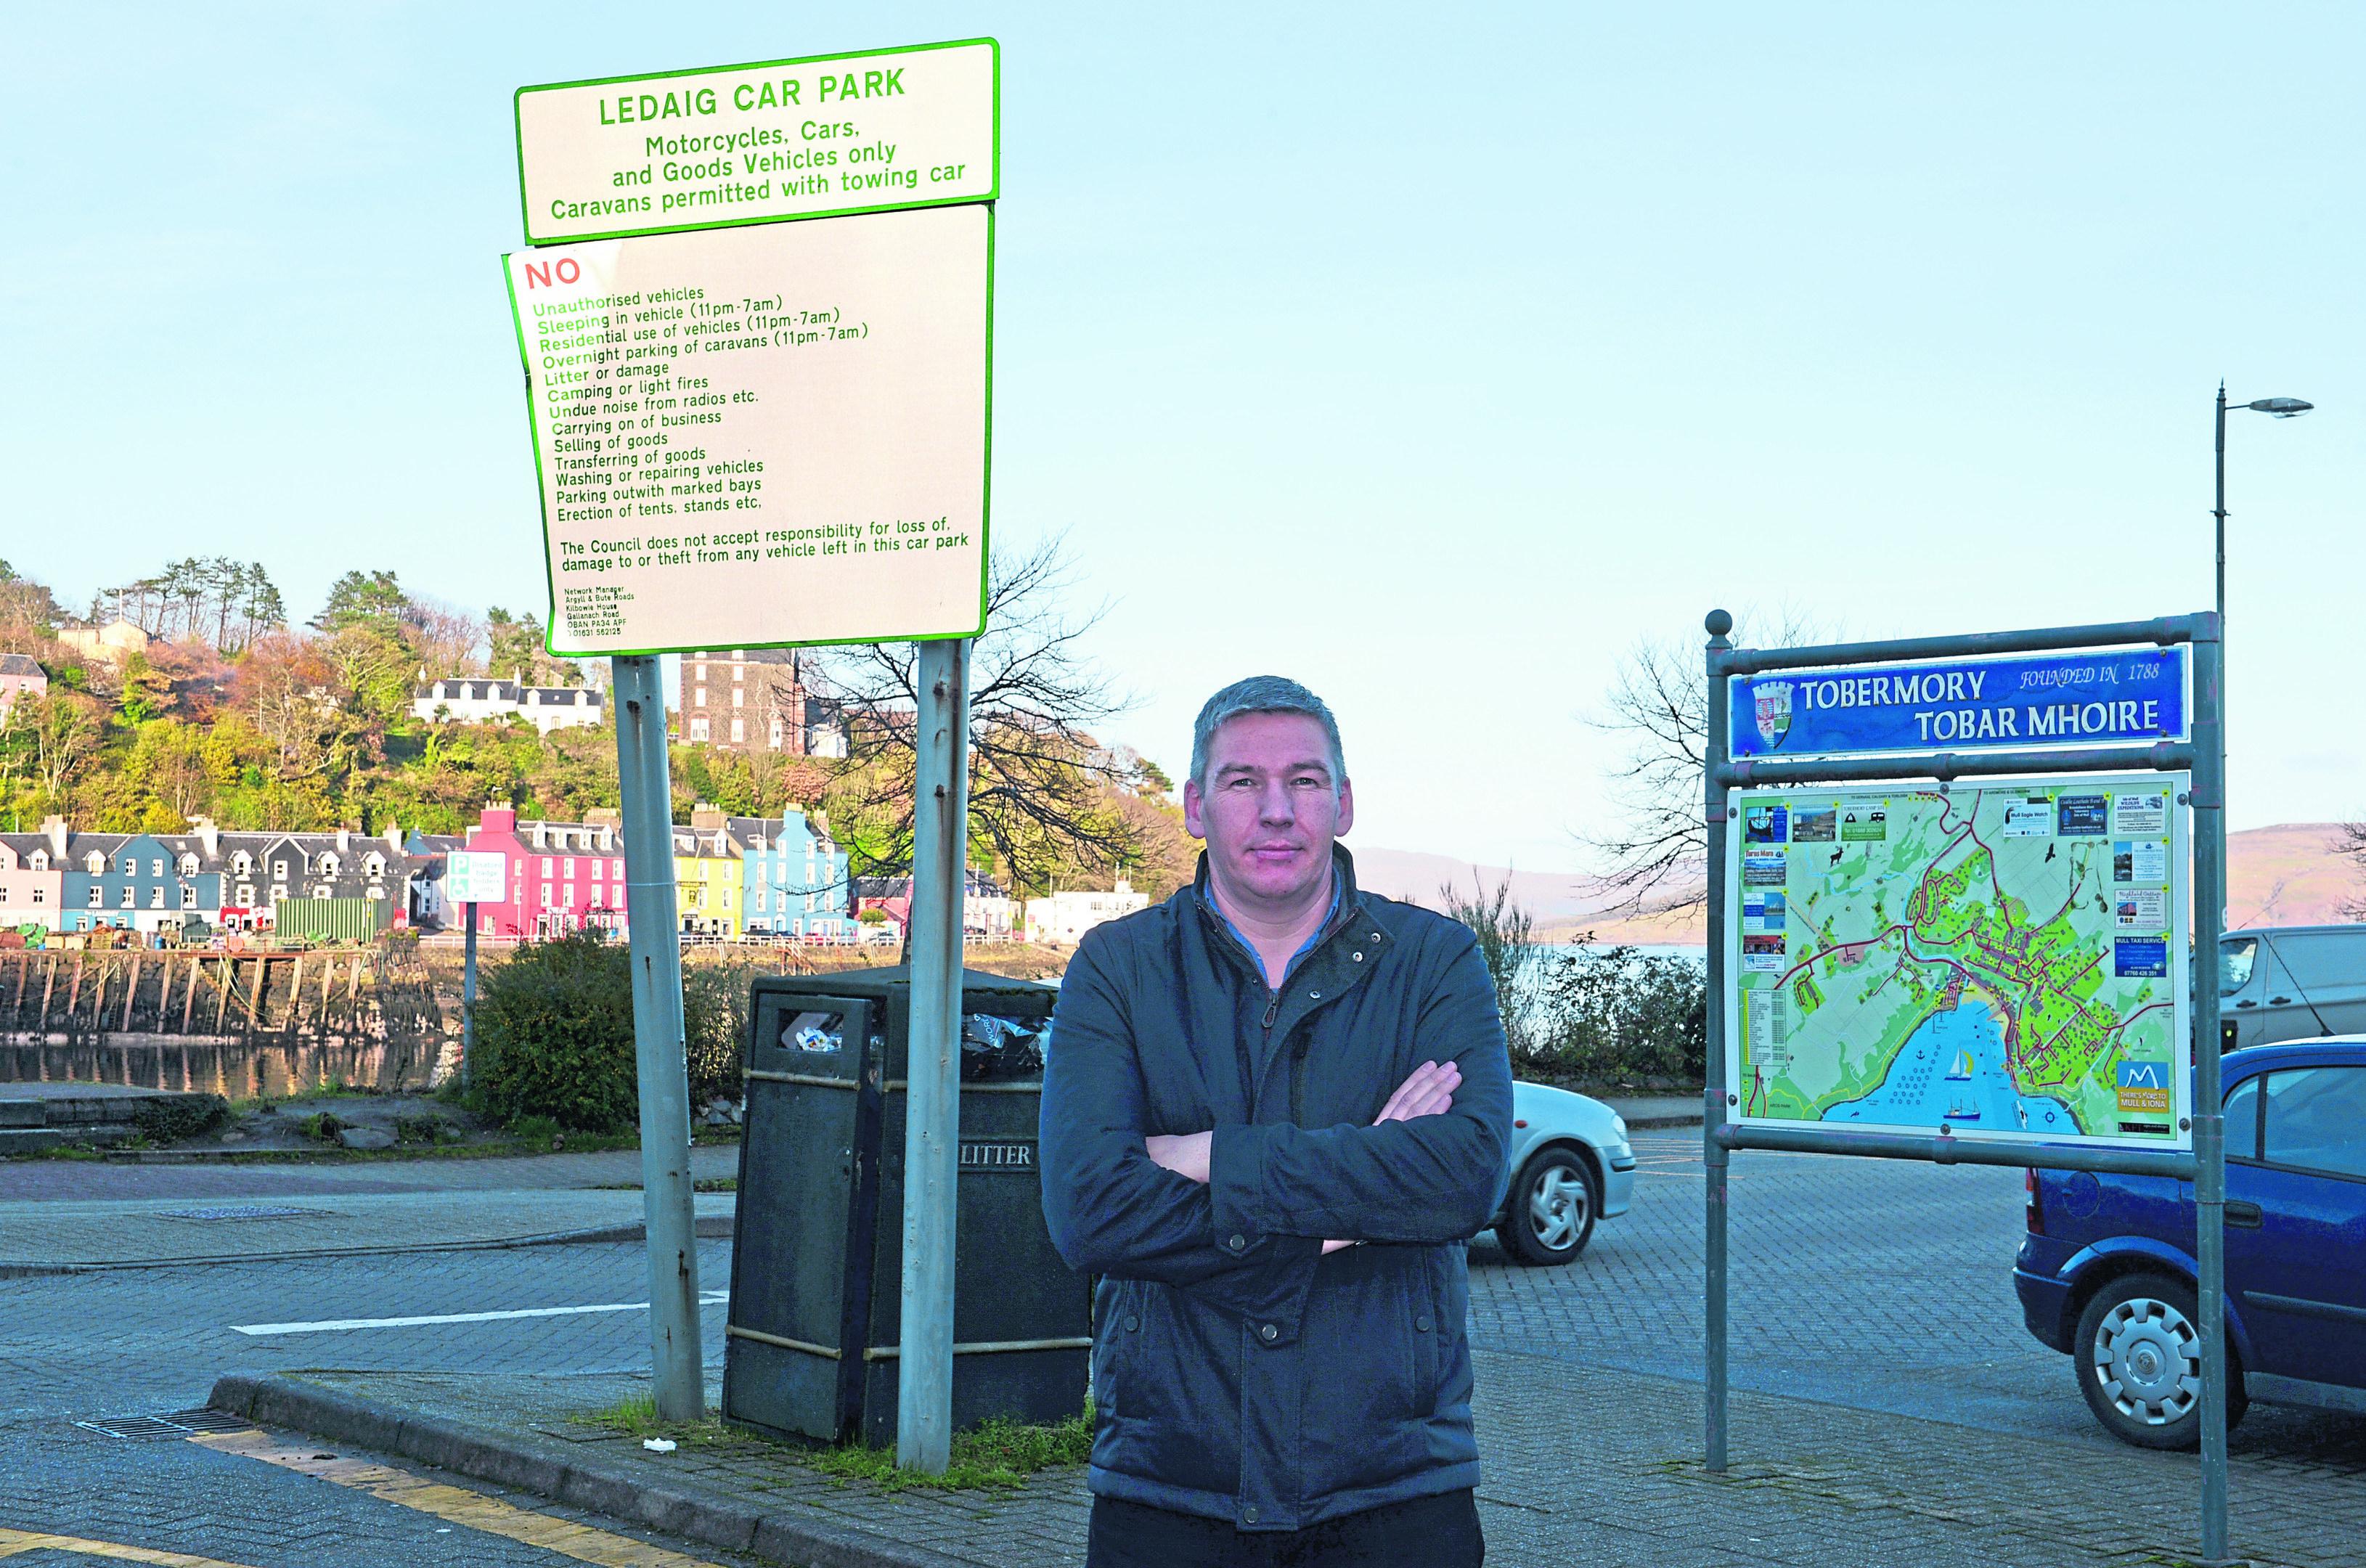 Neil Morrison at Ledaig Car Park.